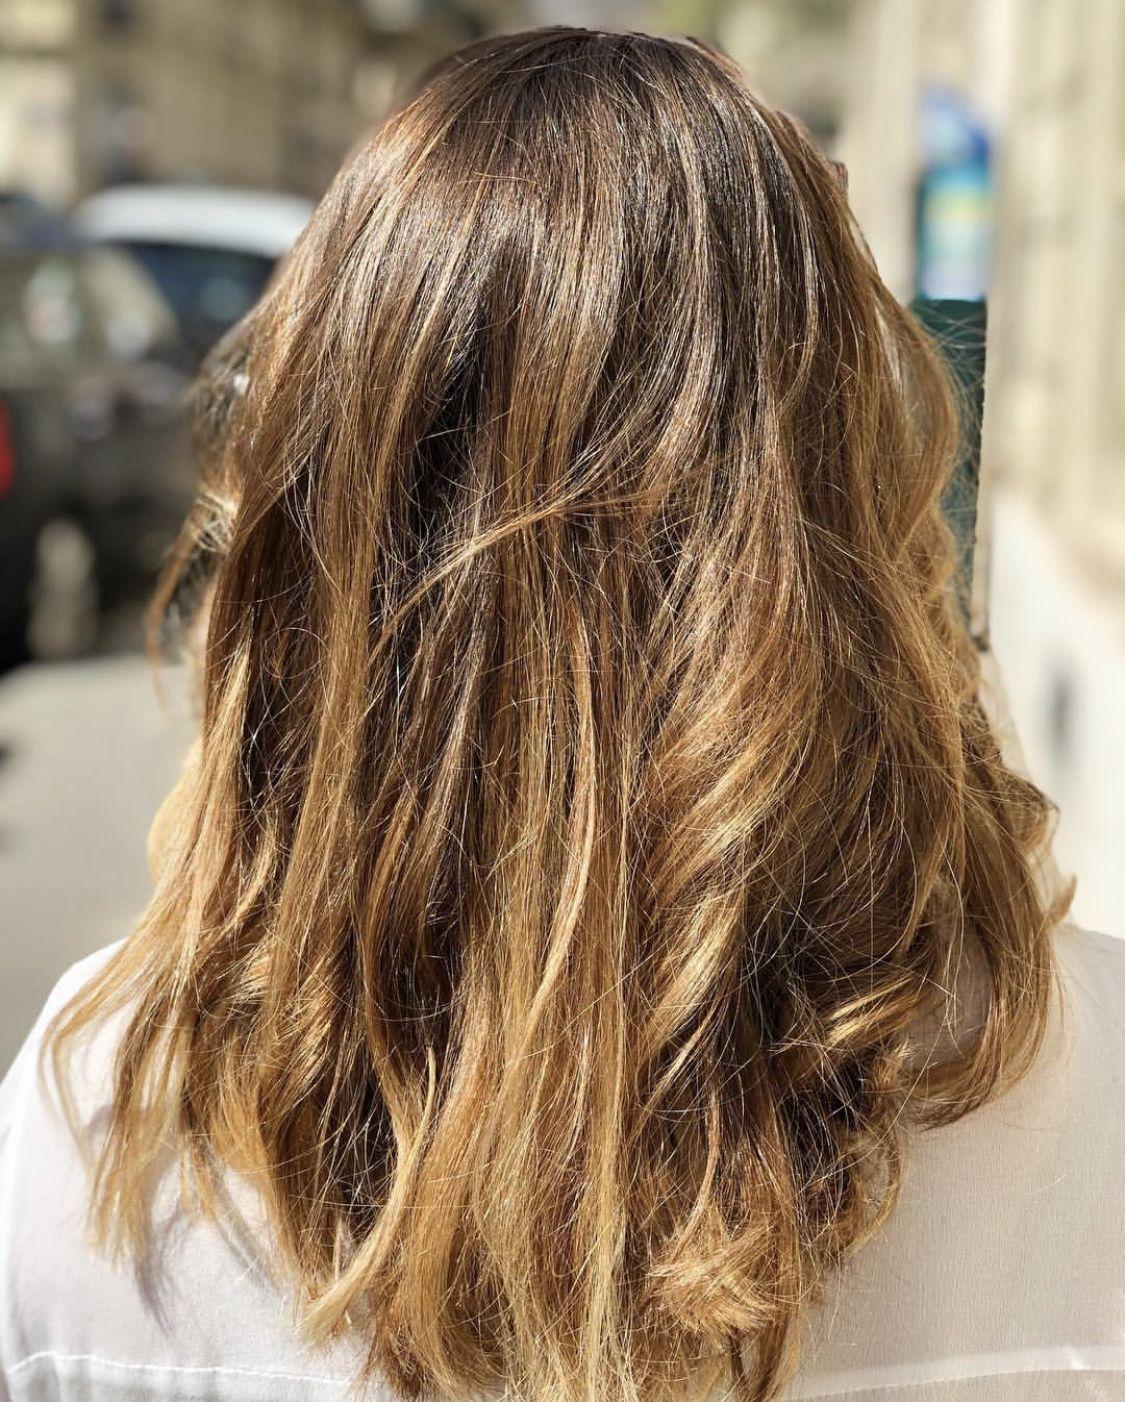 Cheveux Cheveuxblond Cheveuxmilong Blonde Couleur Coloration Coloriste Coloristeparis Paris Parisienne Long Hair Styles Instagram Photo Hair Styles